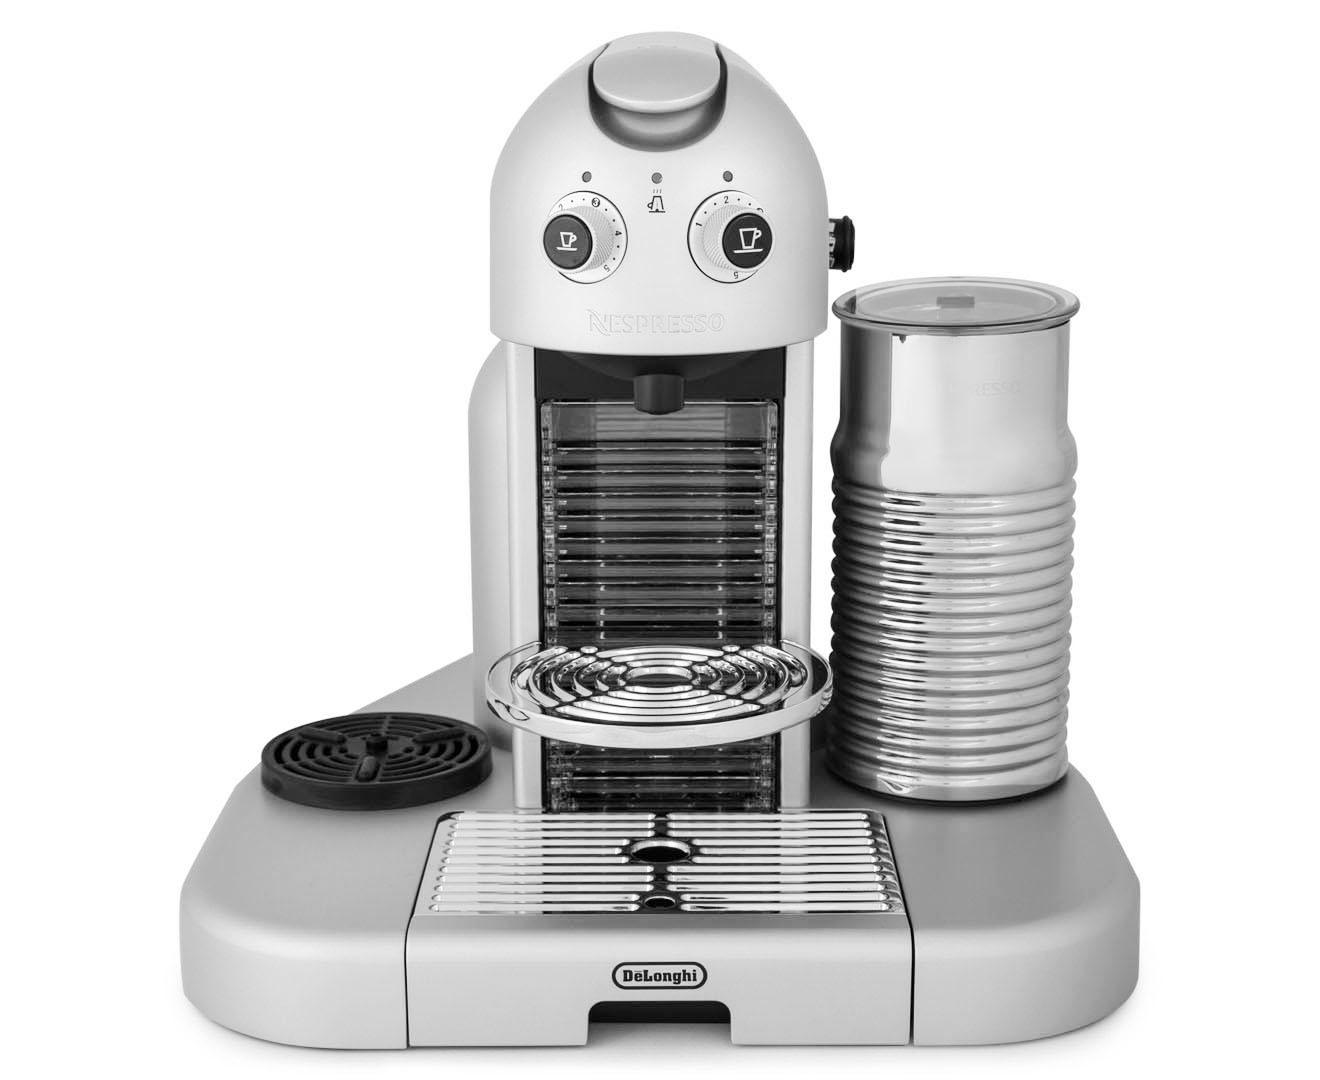 Delonghi Coffee Maker Heating Element : Scoopon Shopping DeLonghi Nespresso Gran Maestria Coffee Machine - Silver